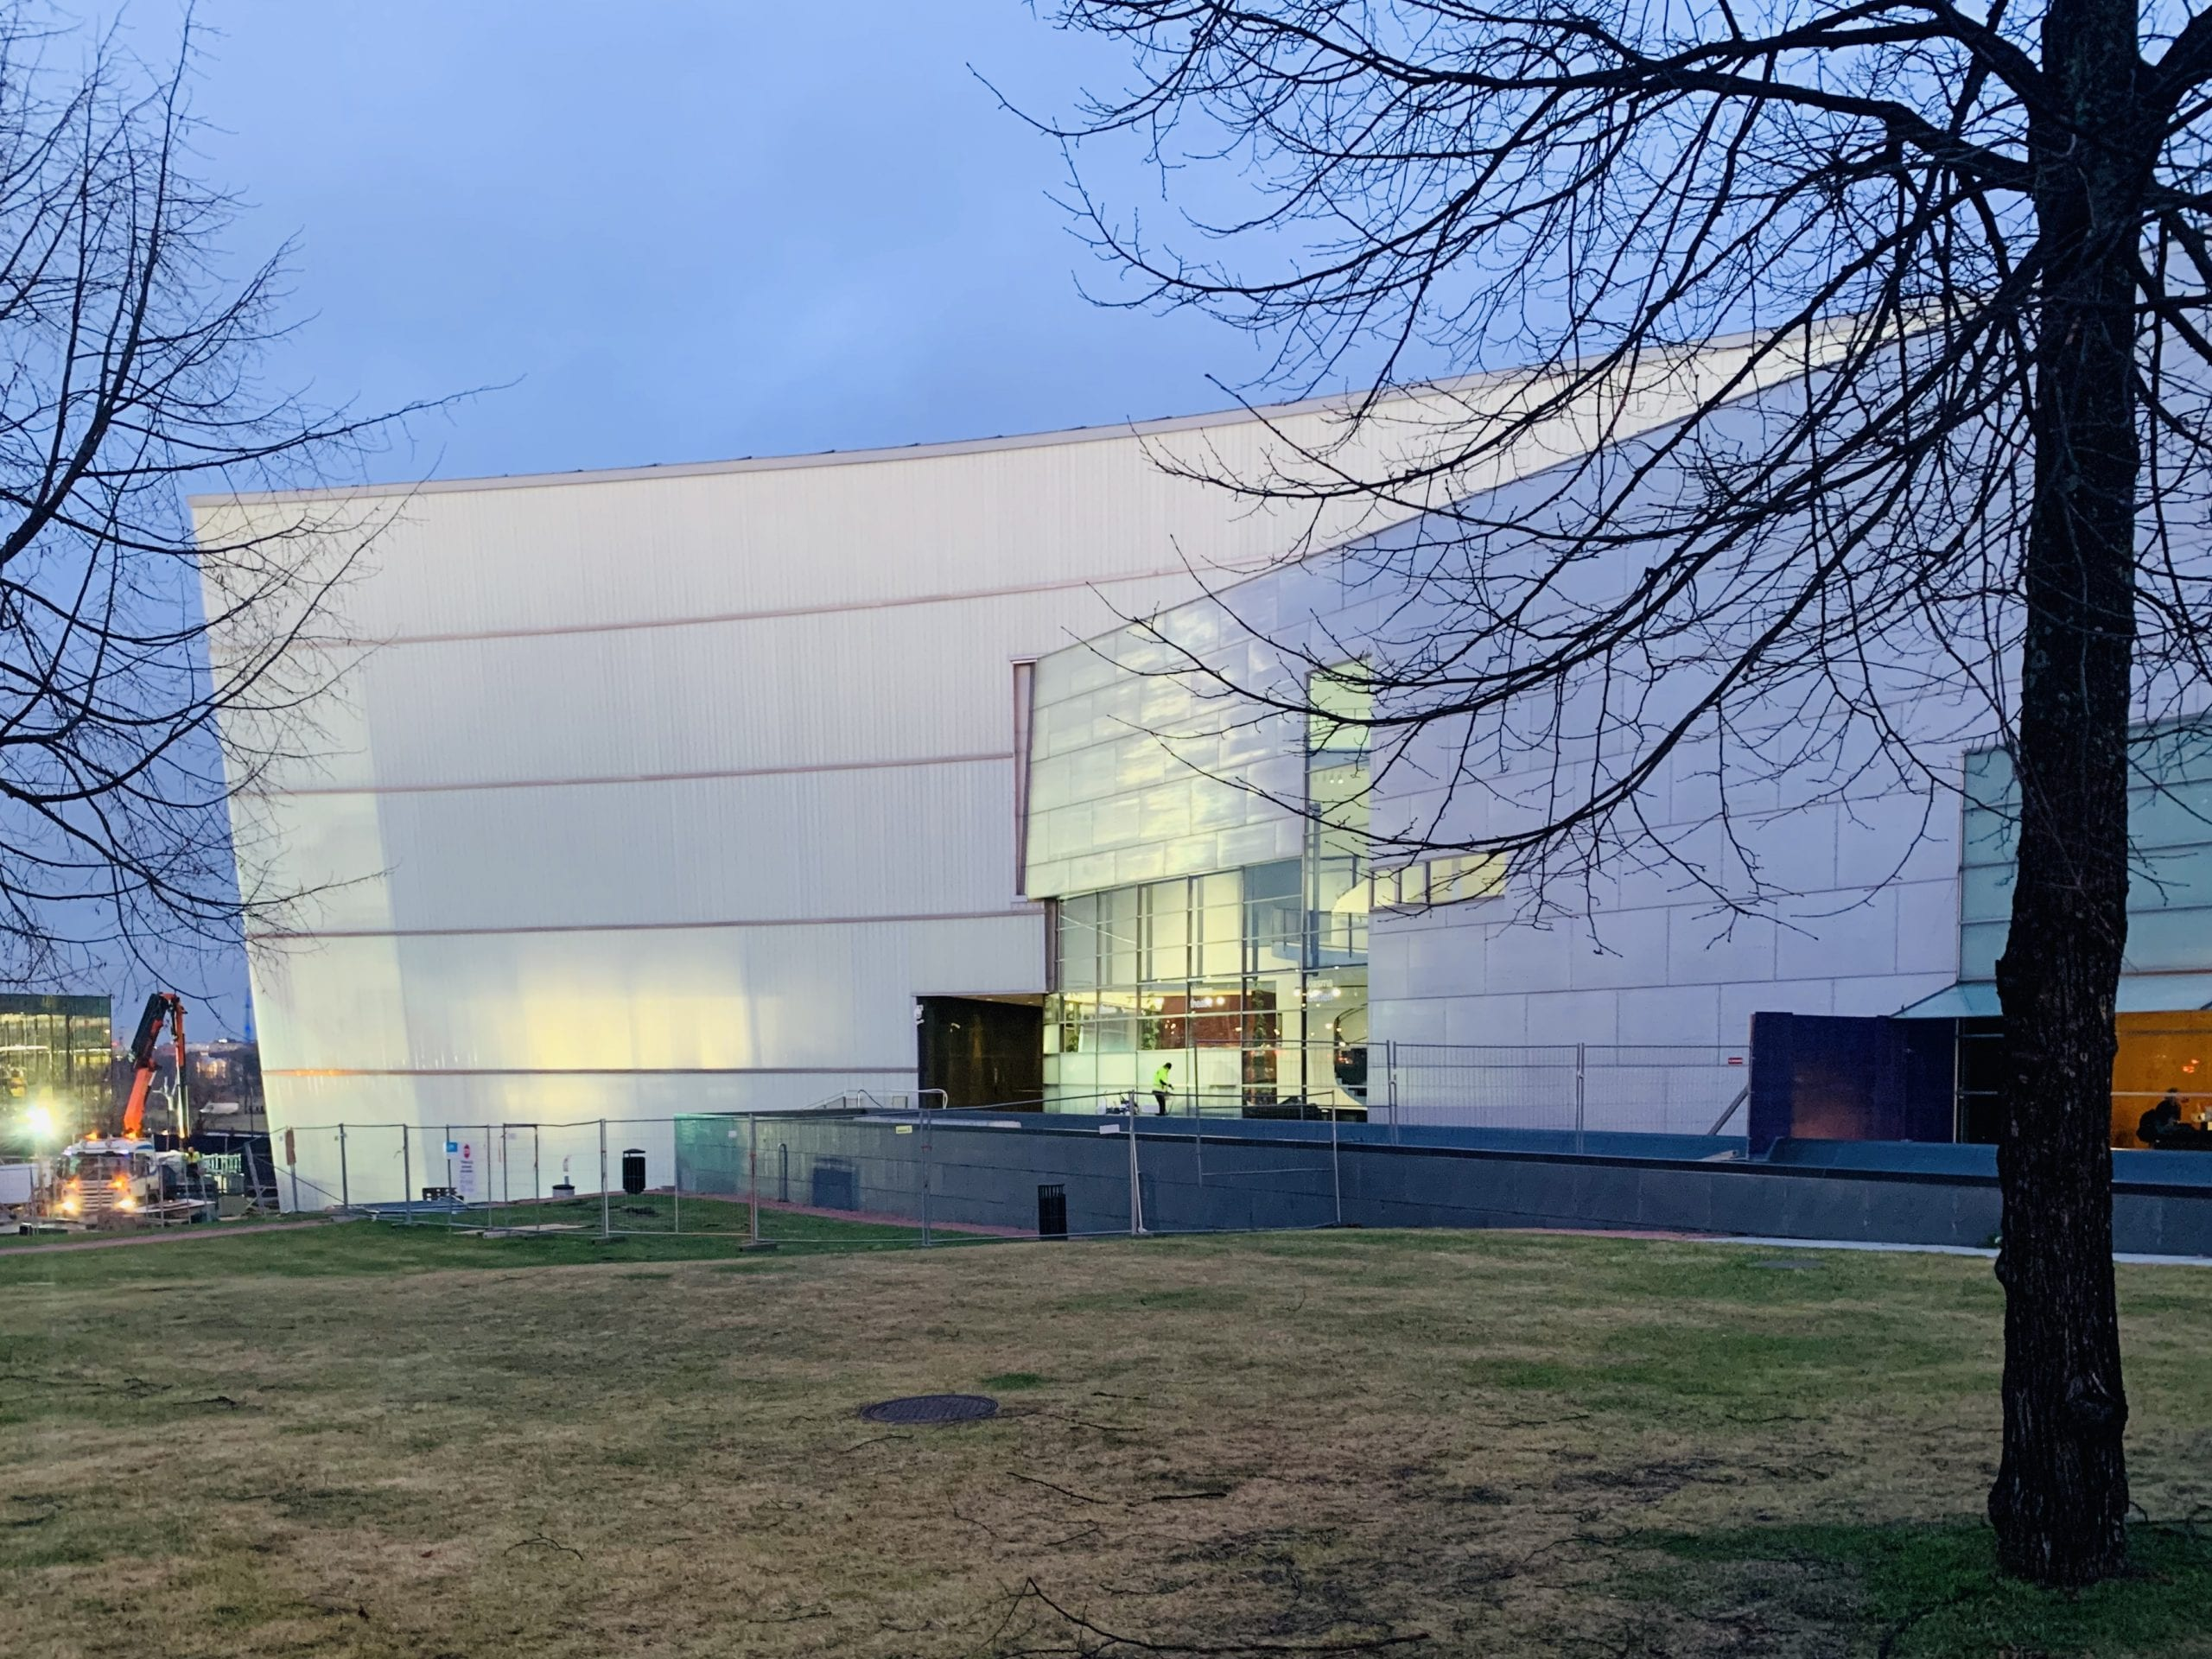 Kiasmra-rakennuksen julkisivu, jossa näkyy uusi lasilankkuseinä.